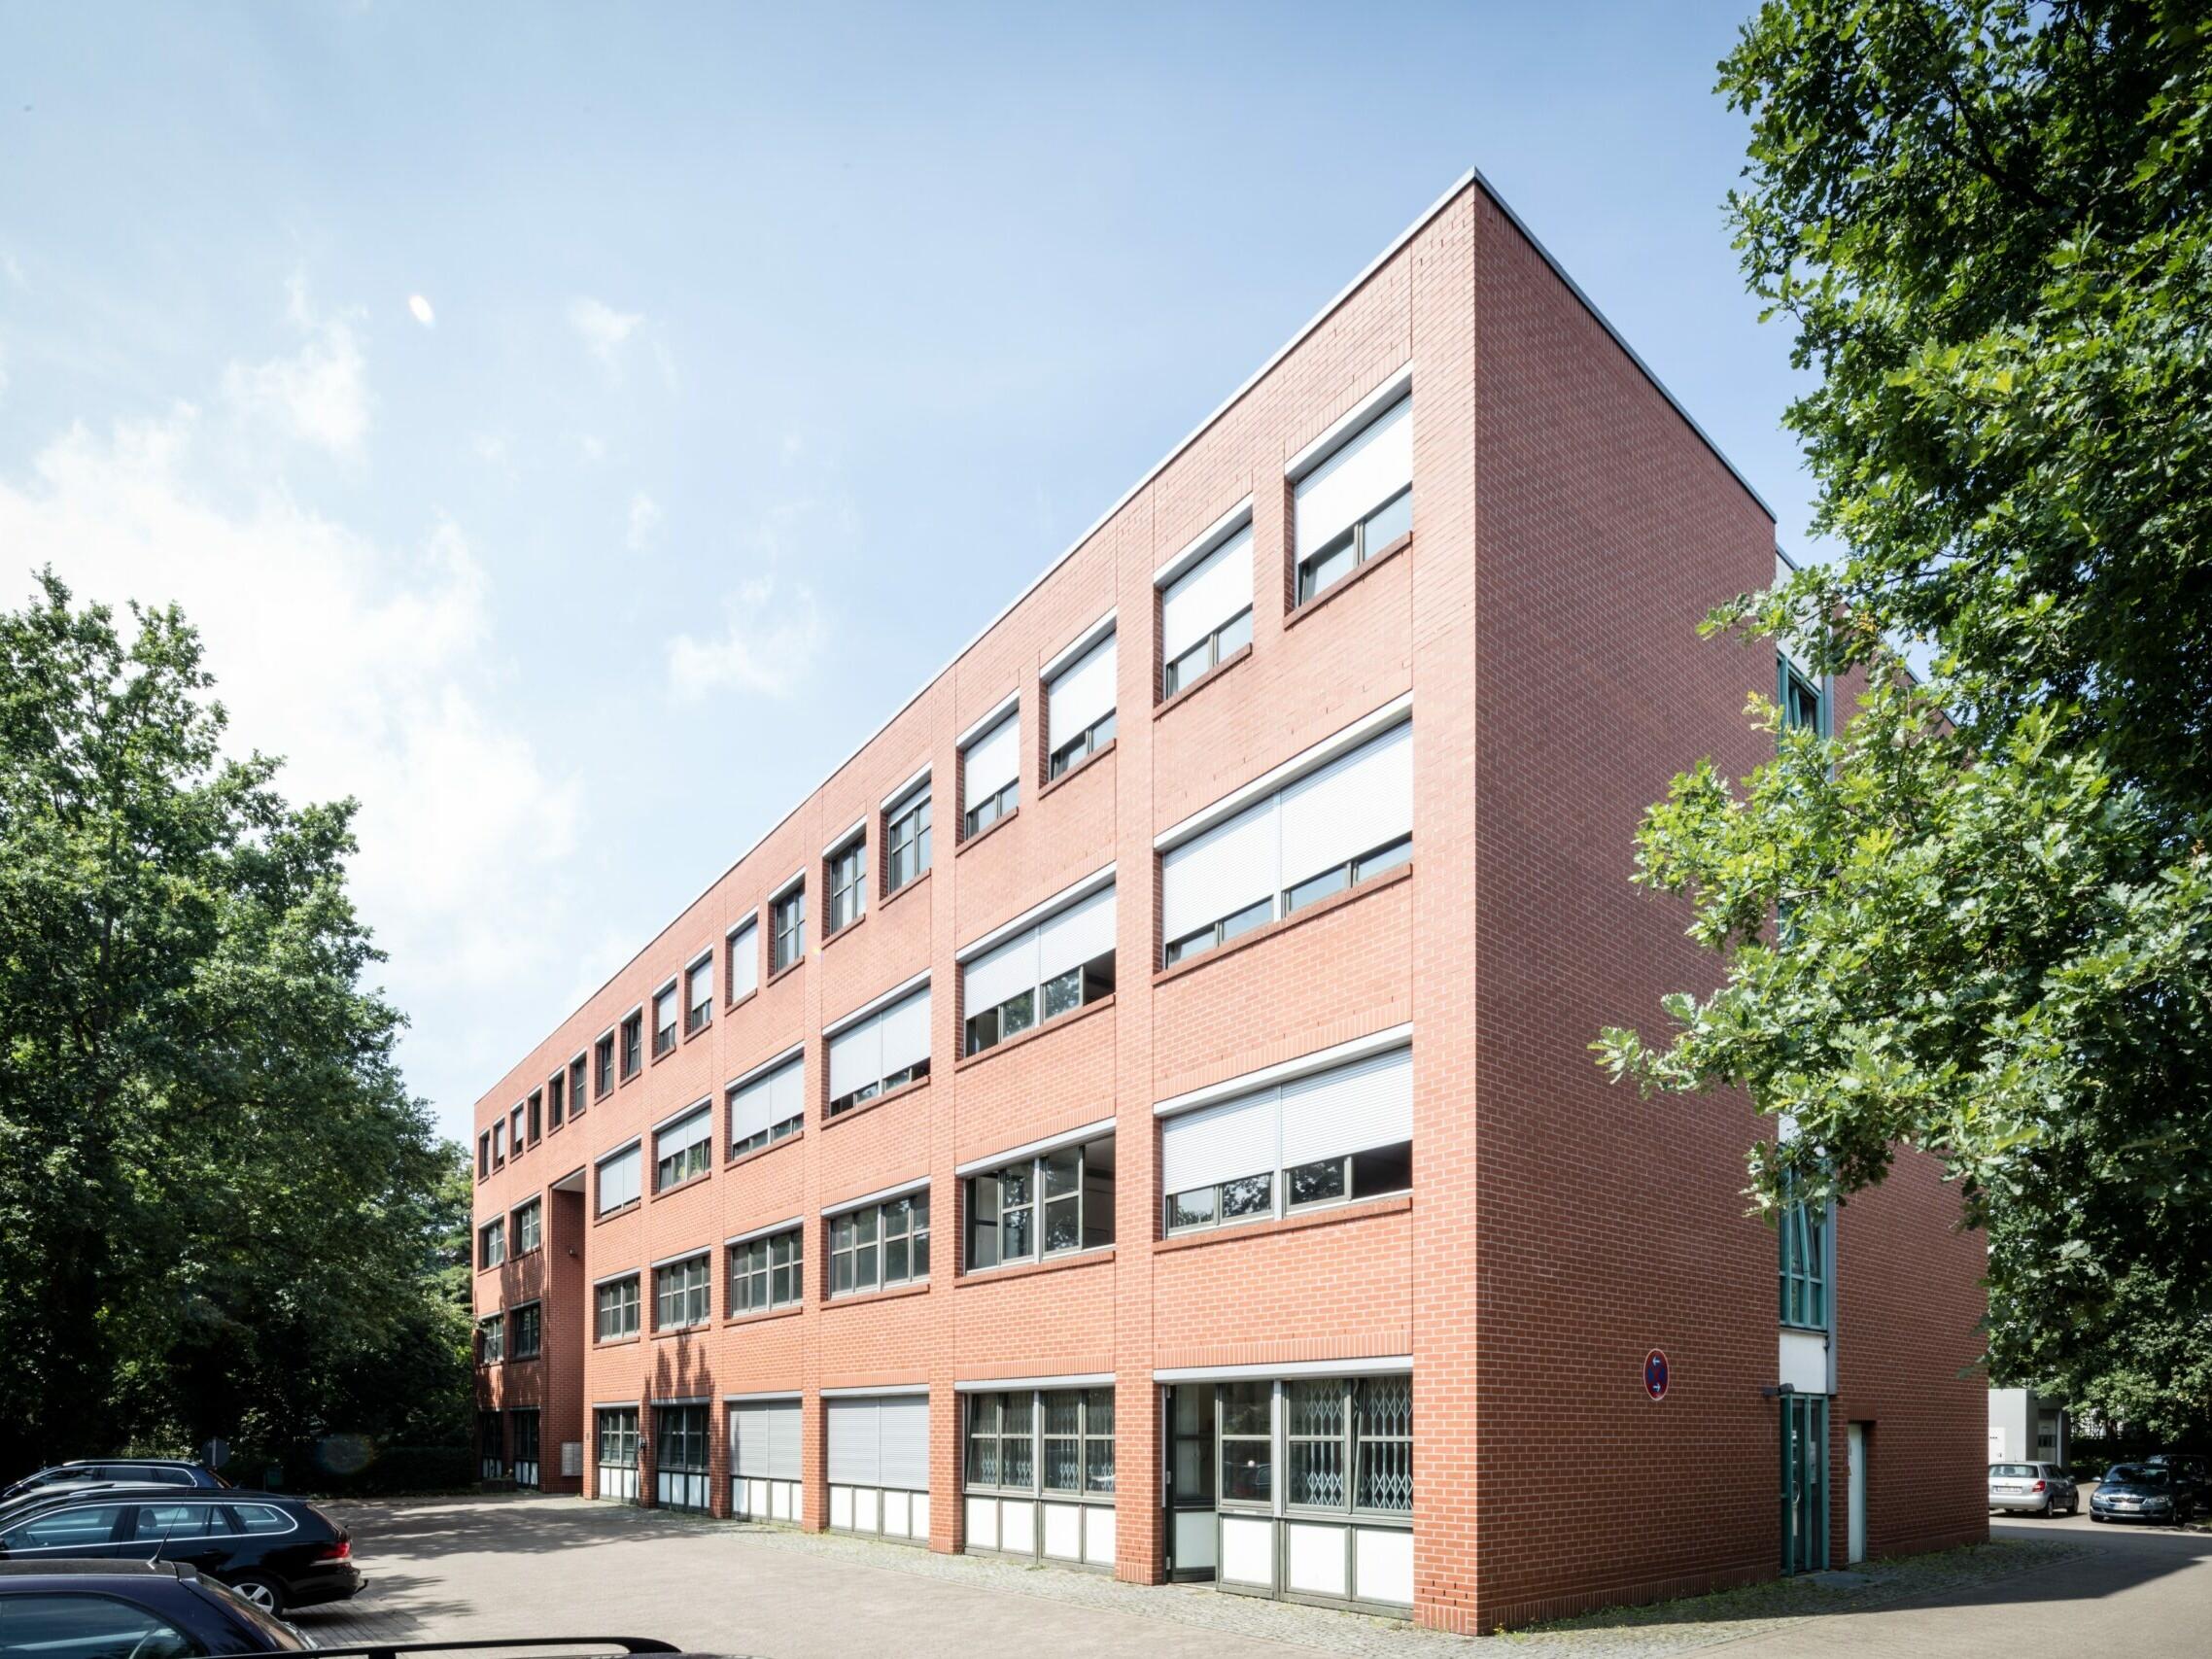 Gebäude Technologiepark von außen